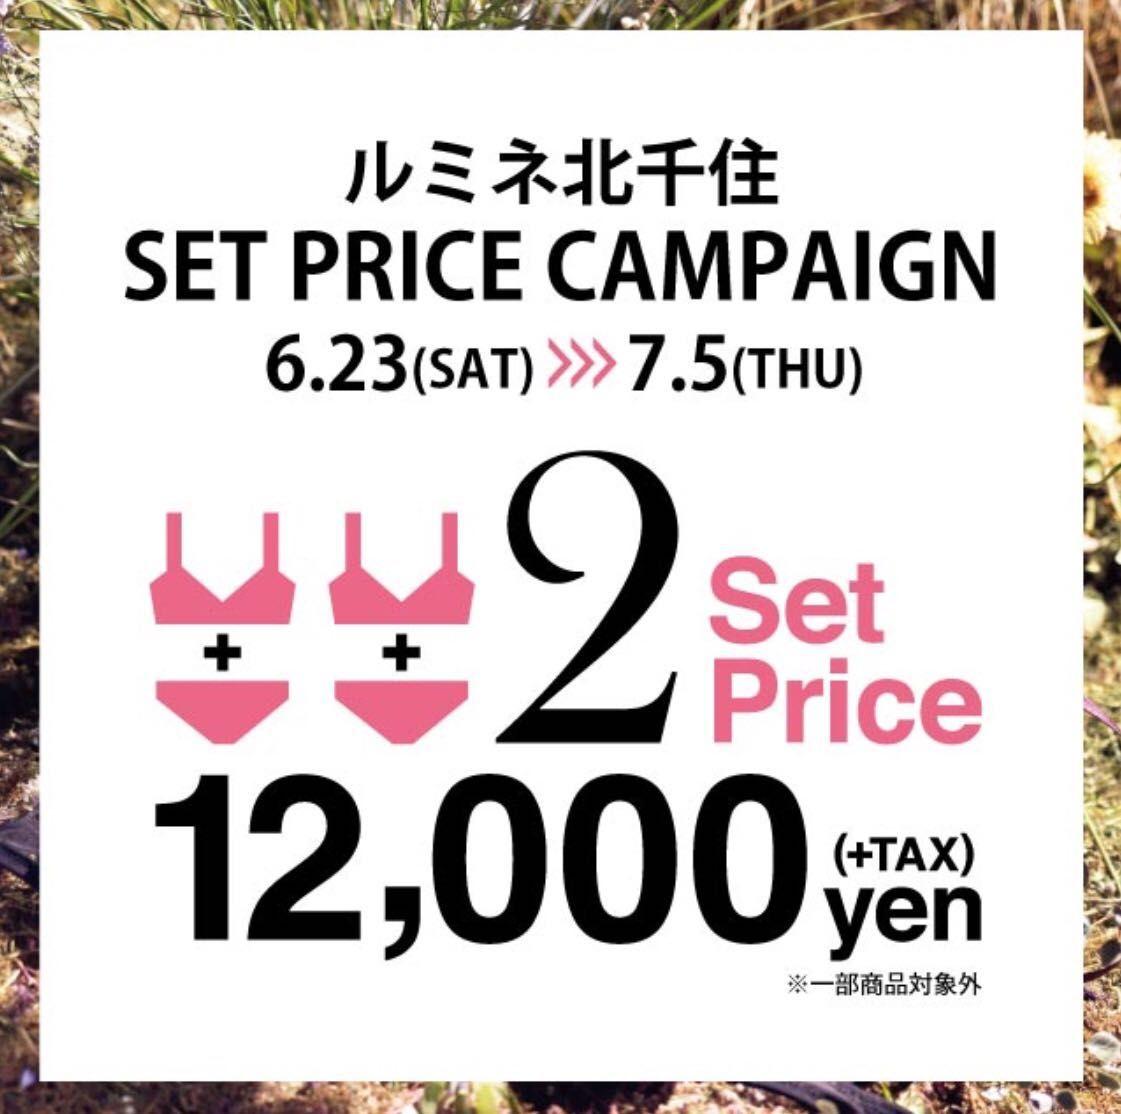 店舗限定campaign!!【ルミネ北千住店】の写真